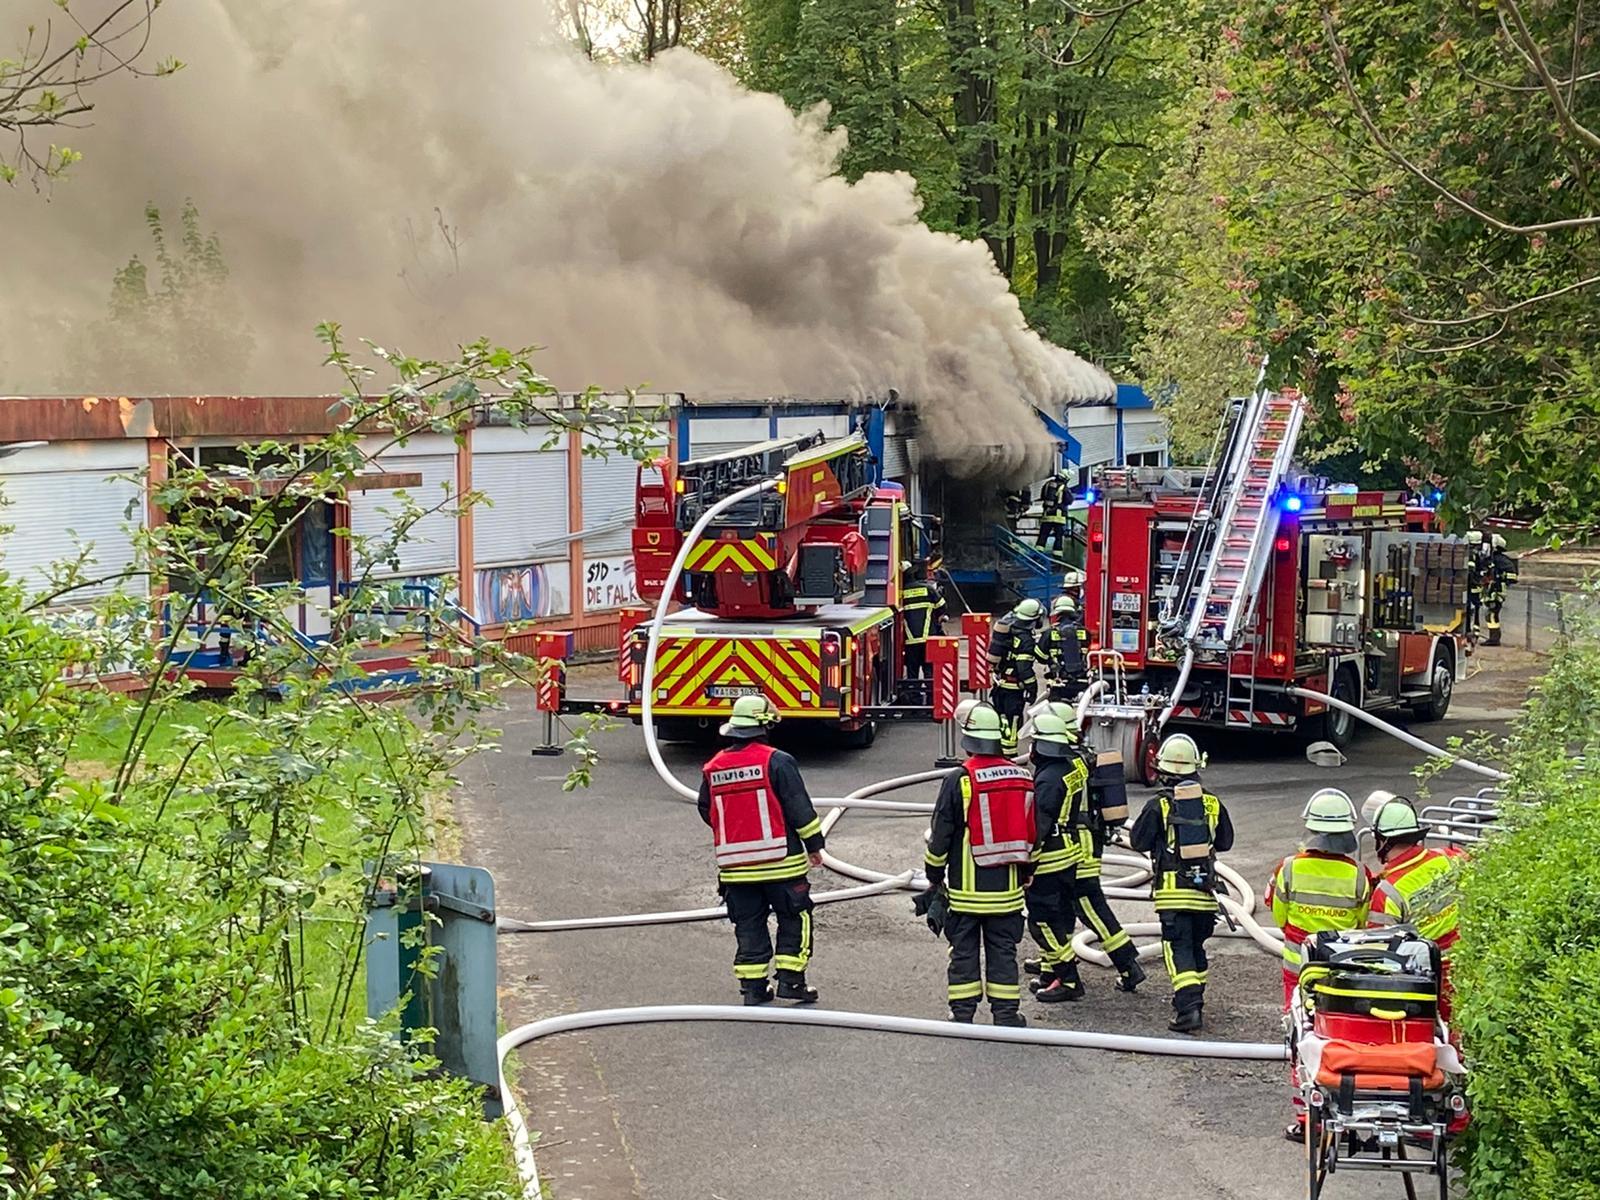 Feuerwehrleute besprechen sich während im Hintergrund Rauch aus einem Gebäude aufsteigt